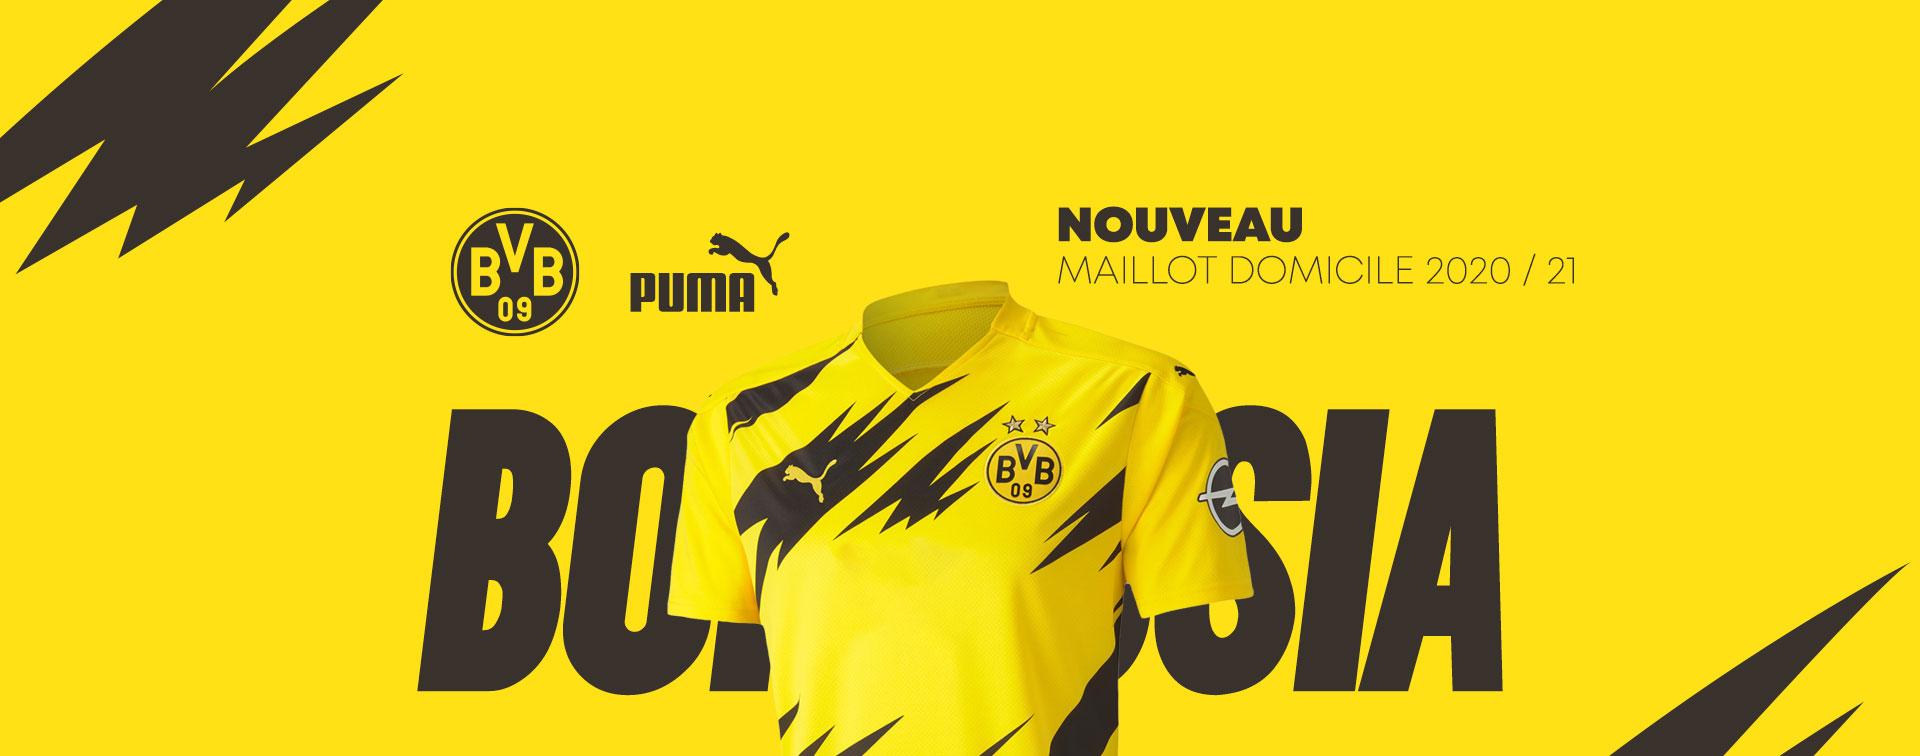 maillot domicile Borussia Dortmund